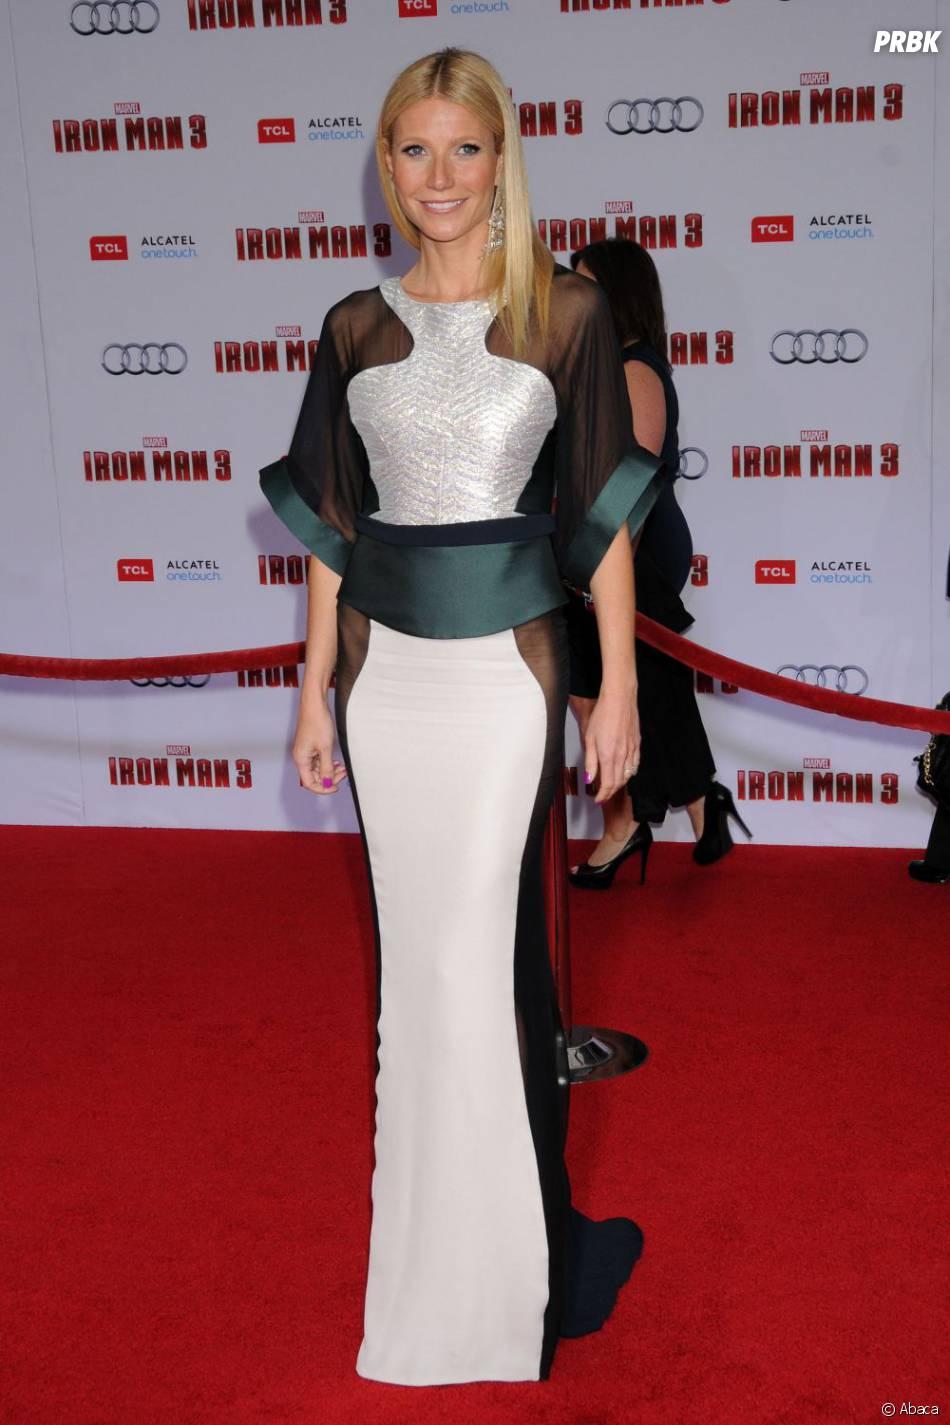 Gwyneth Paltrow, sublime à l'avant-première d'Iron Man 3 à Los Angeles le 24 avril 2013